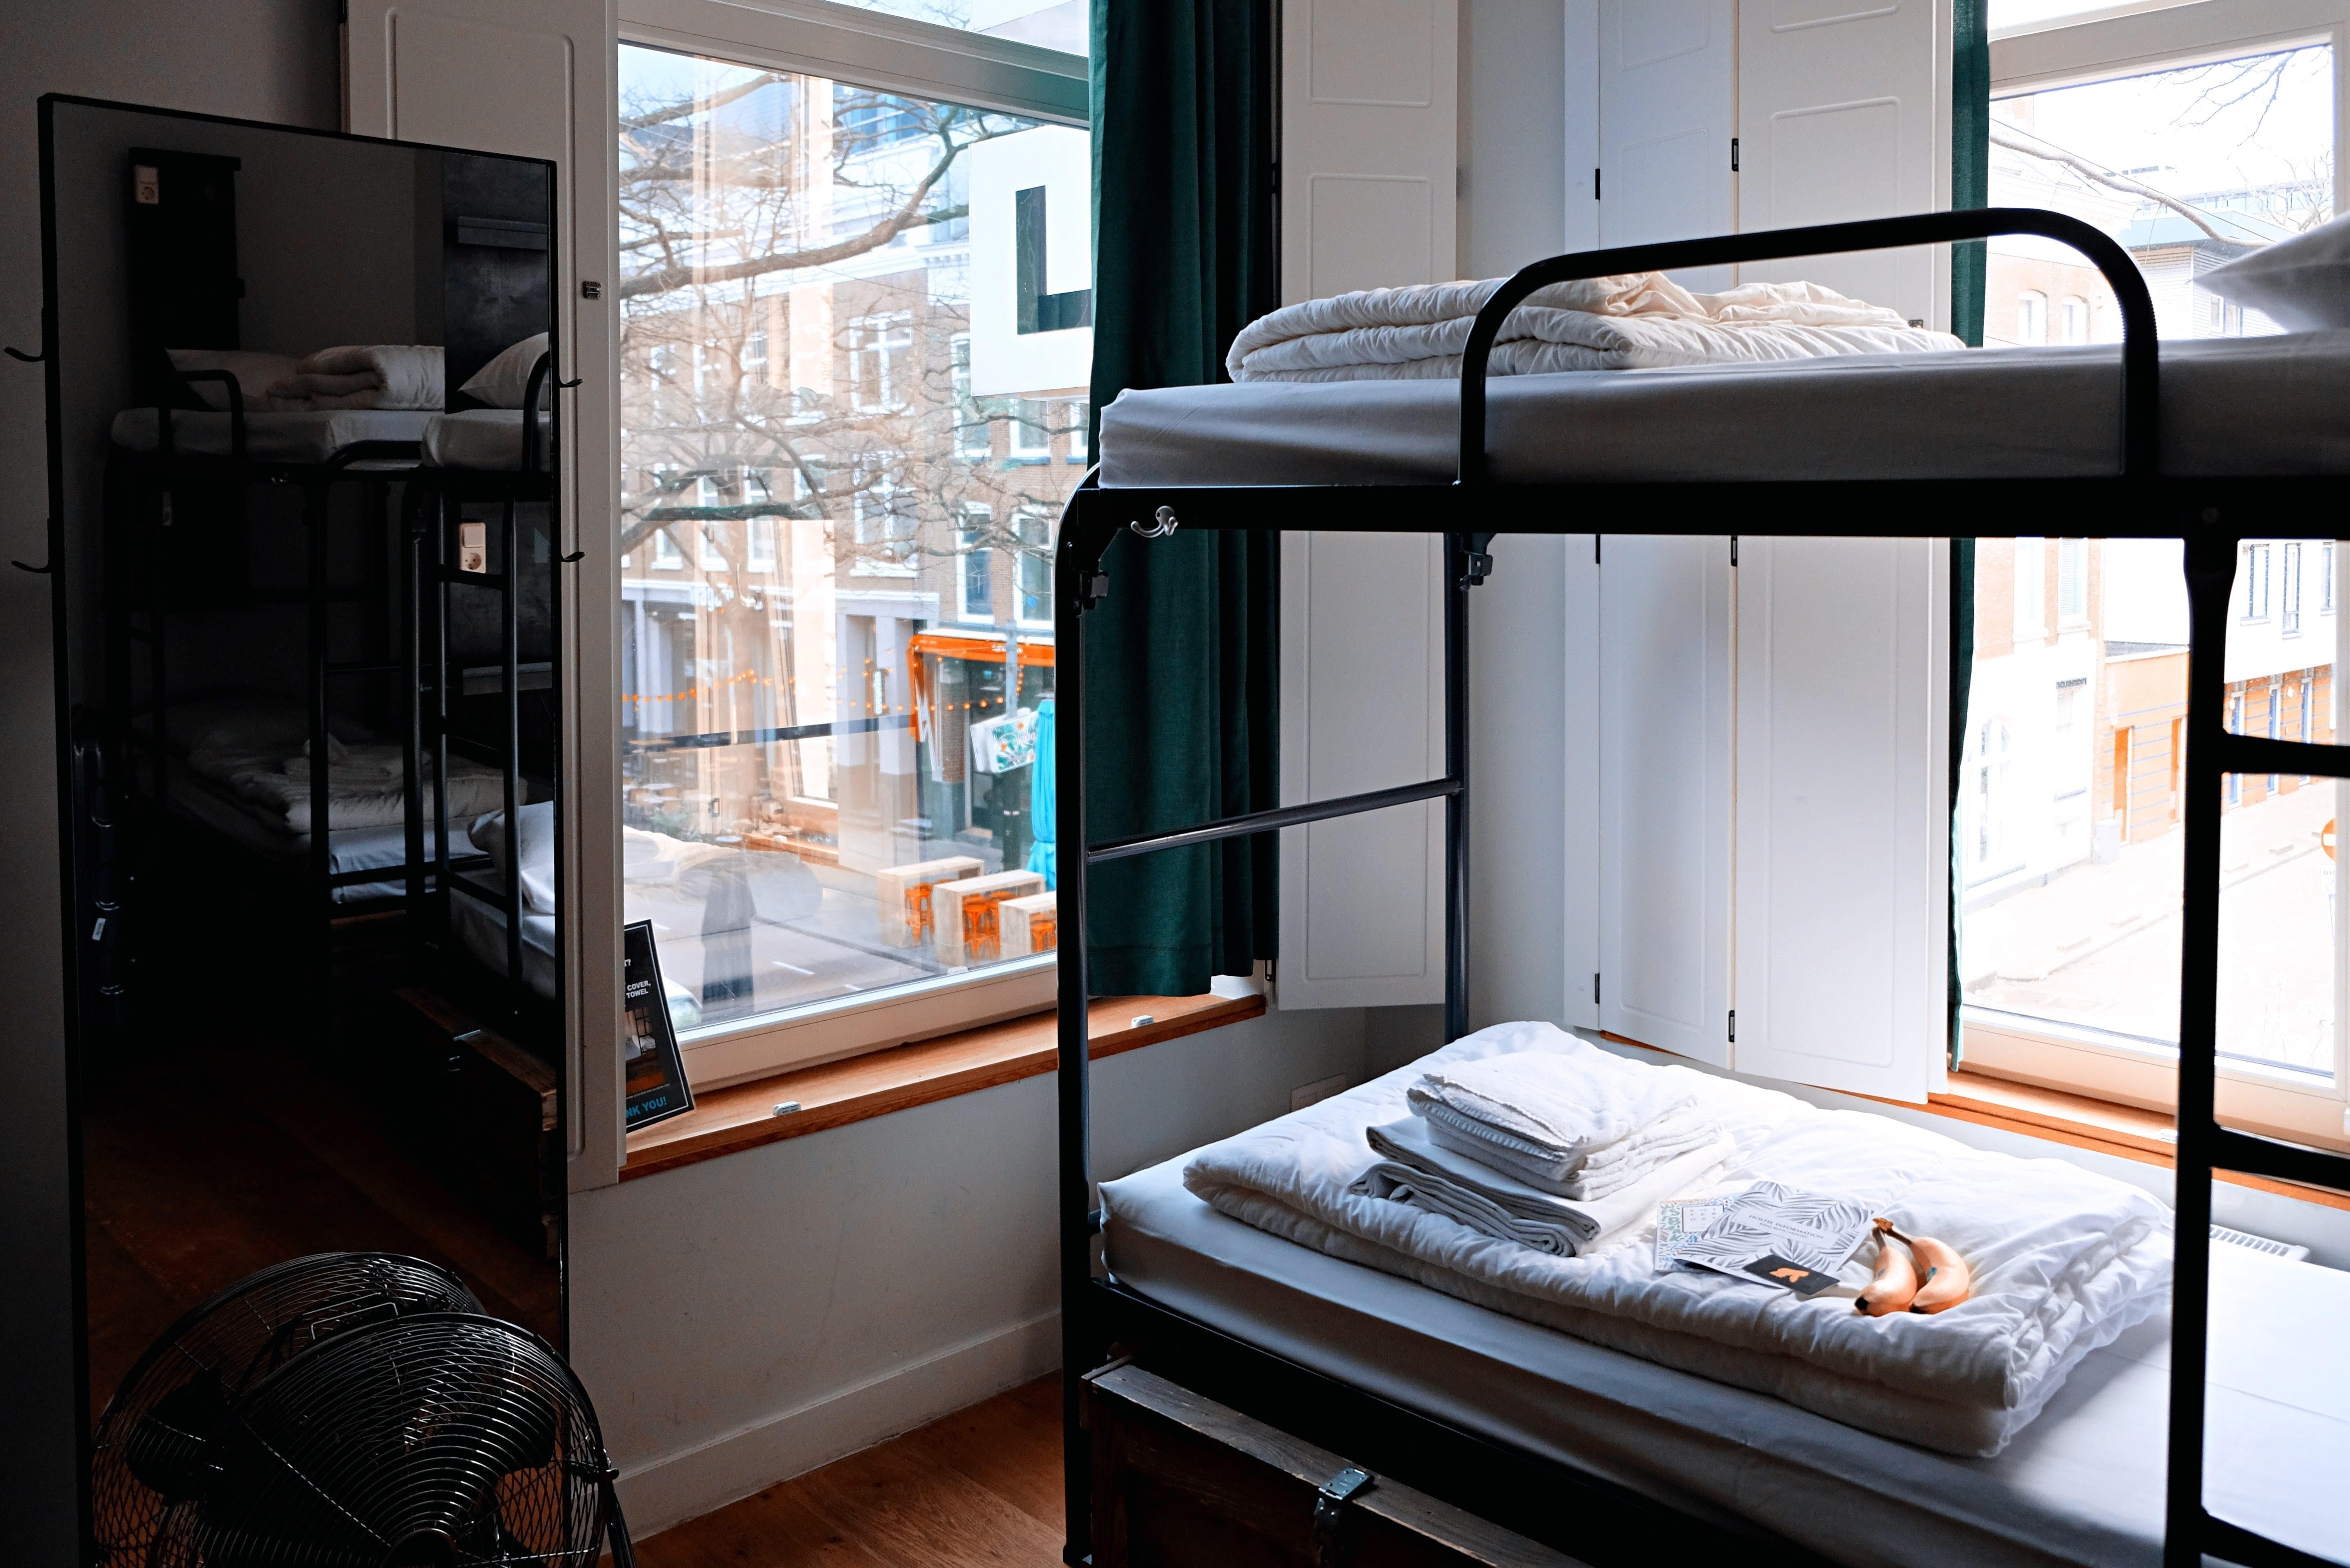 hostels in europe